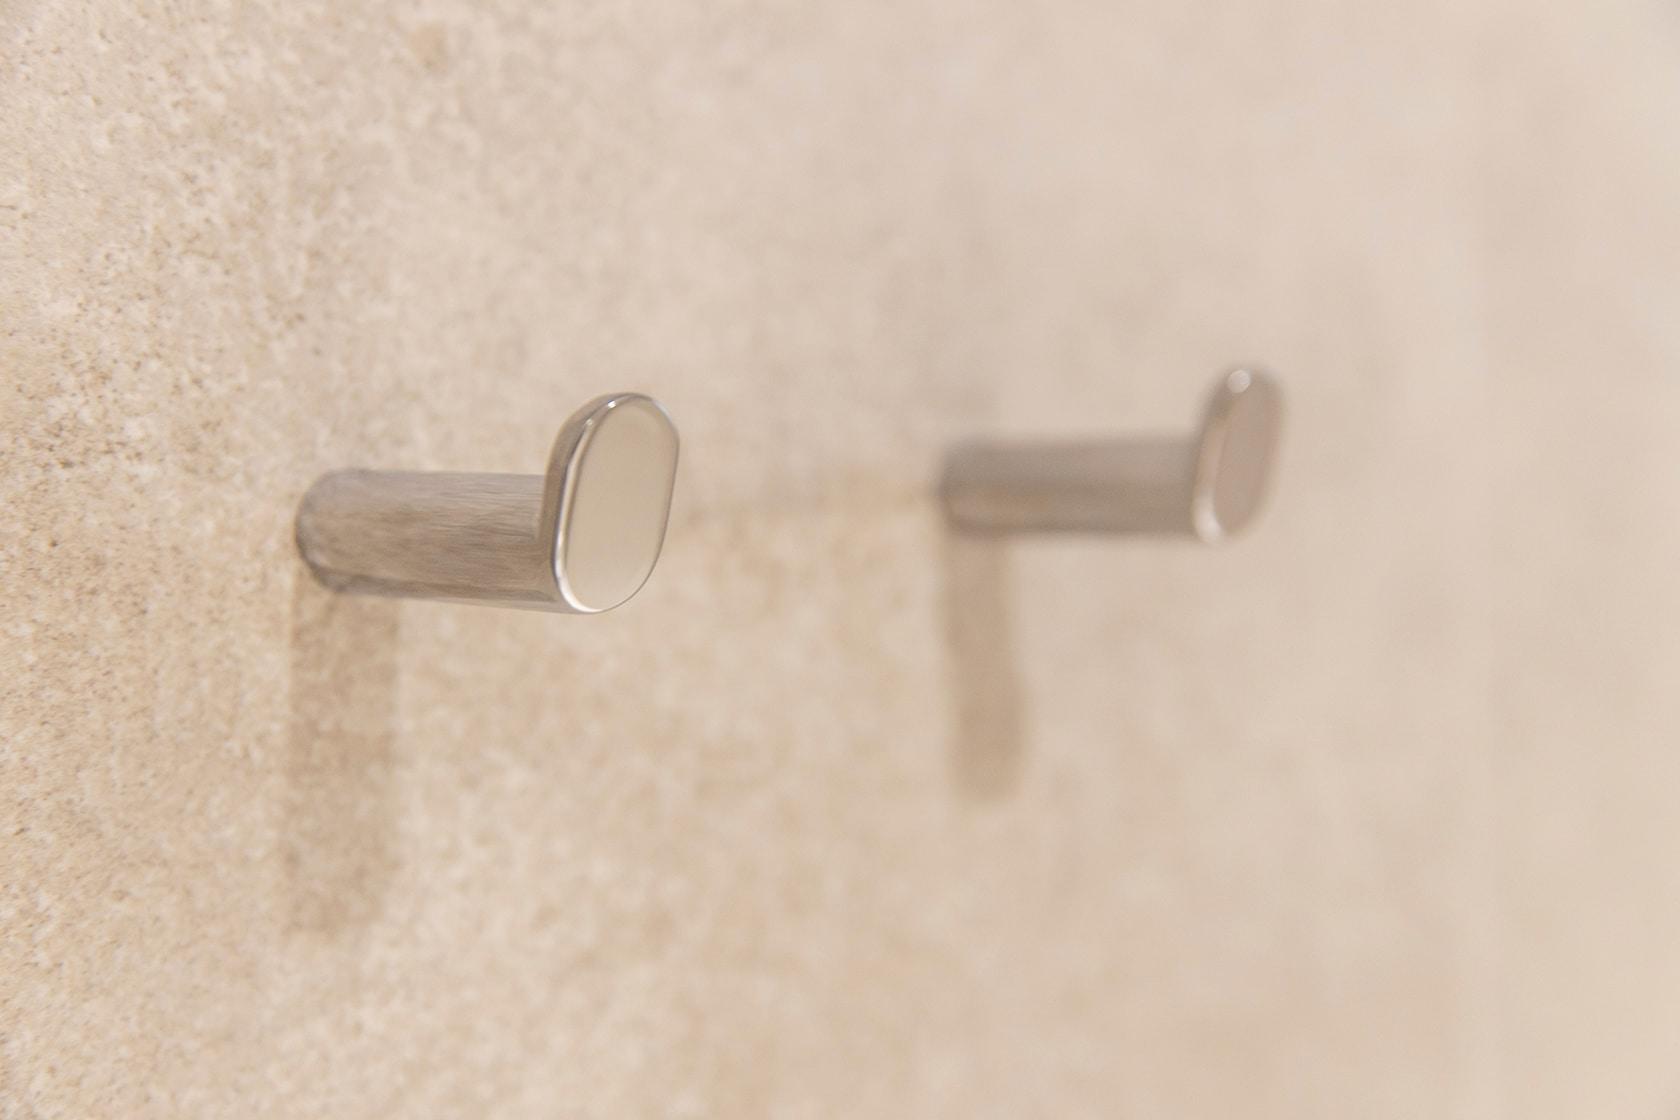 Detalle del colgador del baño